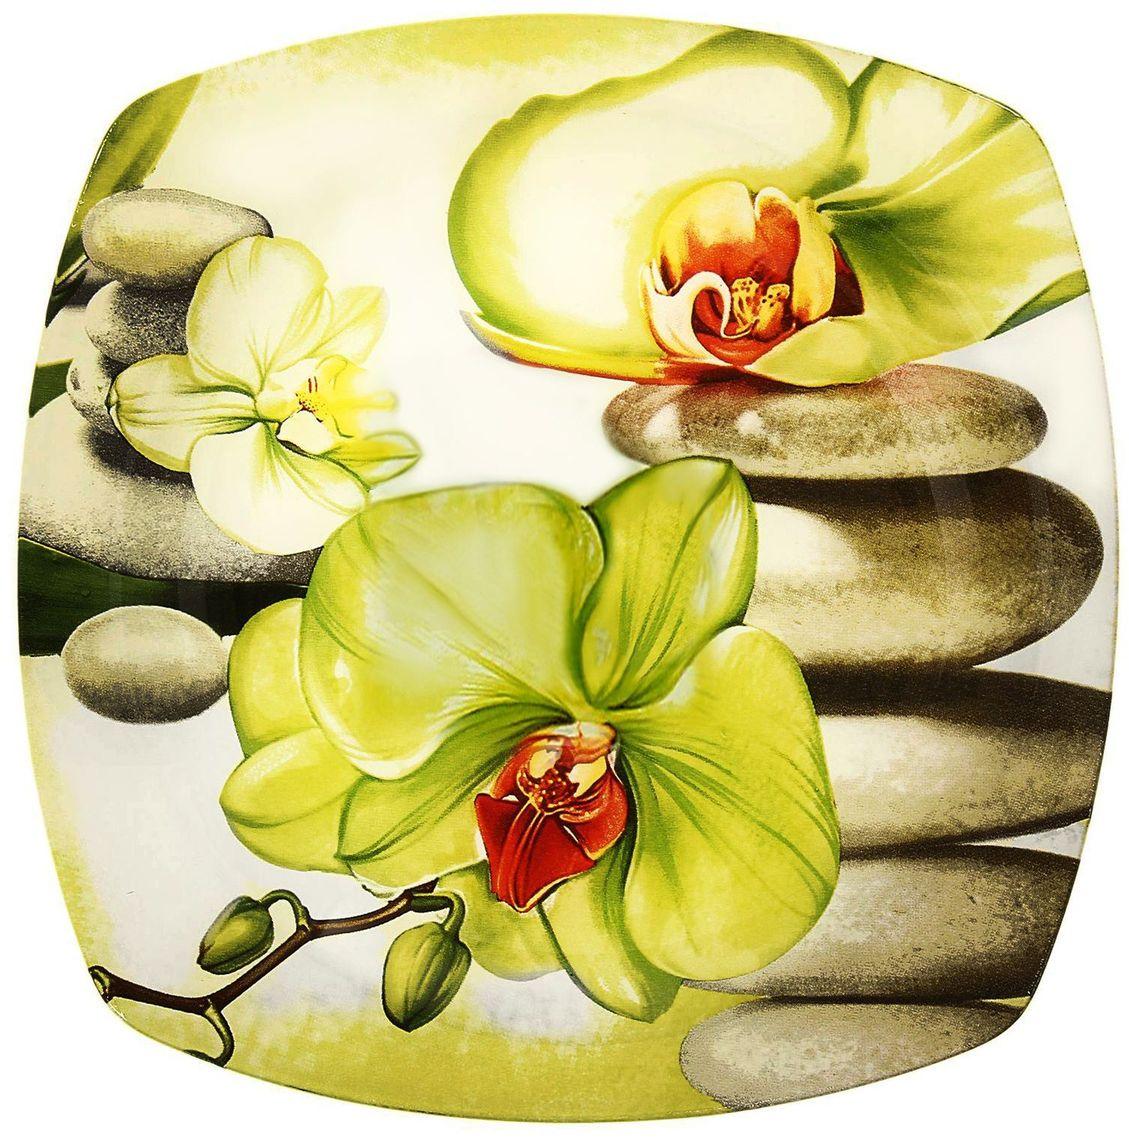 Тарелка Доляна Зеленая орхидея, диаметр 23 см230534Тарелка Доляна с природными мотивами в оформлении разнообразит интерьер кухни и сделает застолье самобытным и запоминающимся. Качественное стекло не впитывает запахов, гладкая поверхность обеспечивает легкость мытья.Рекомендуется избегать использования абразивных моющих средств.Делайте любимый дом уютнее!